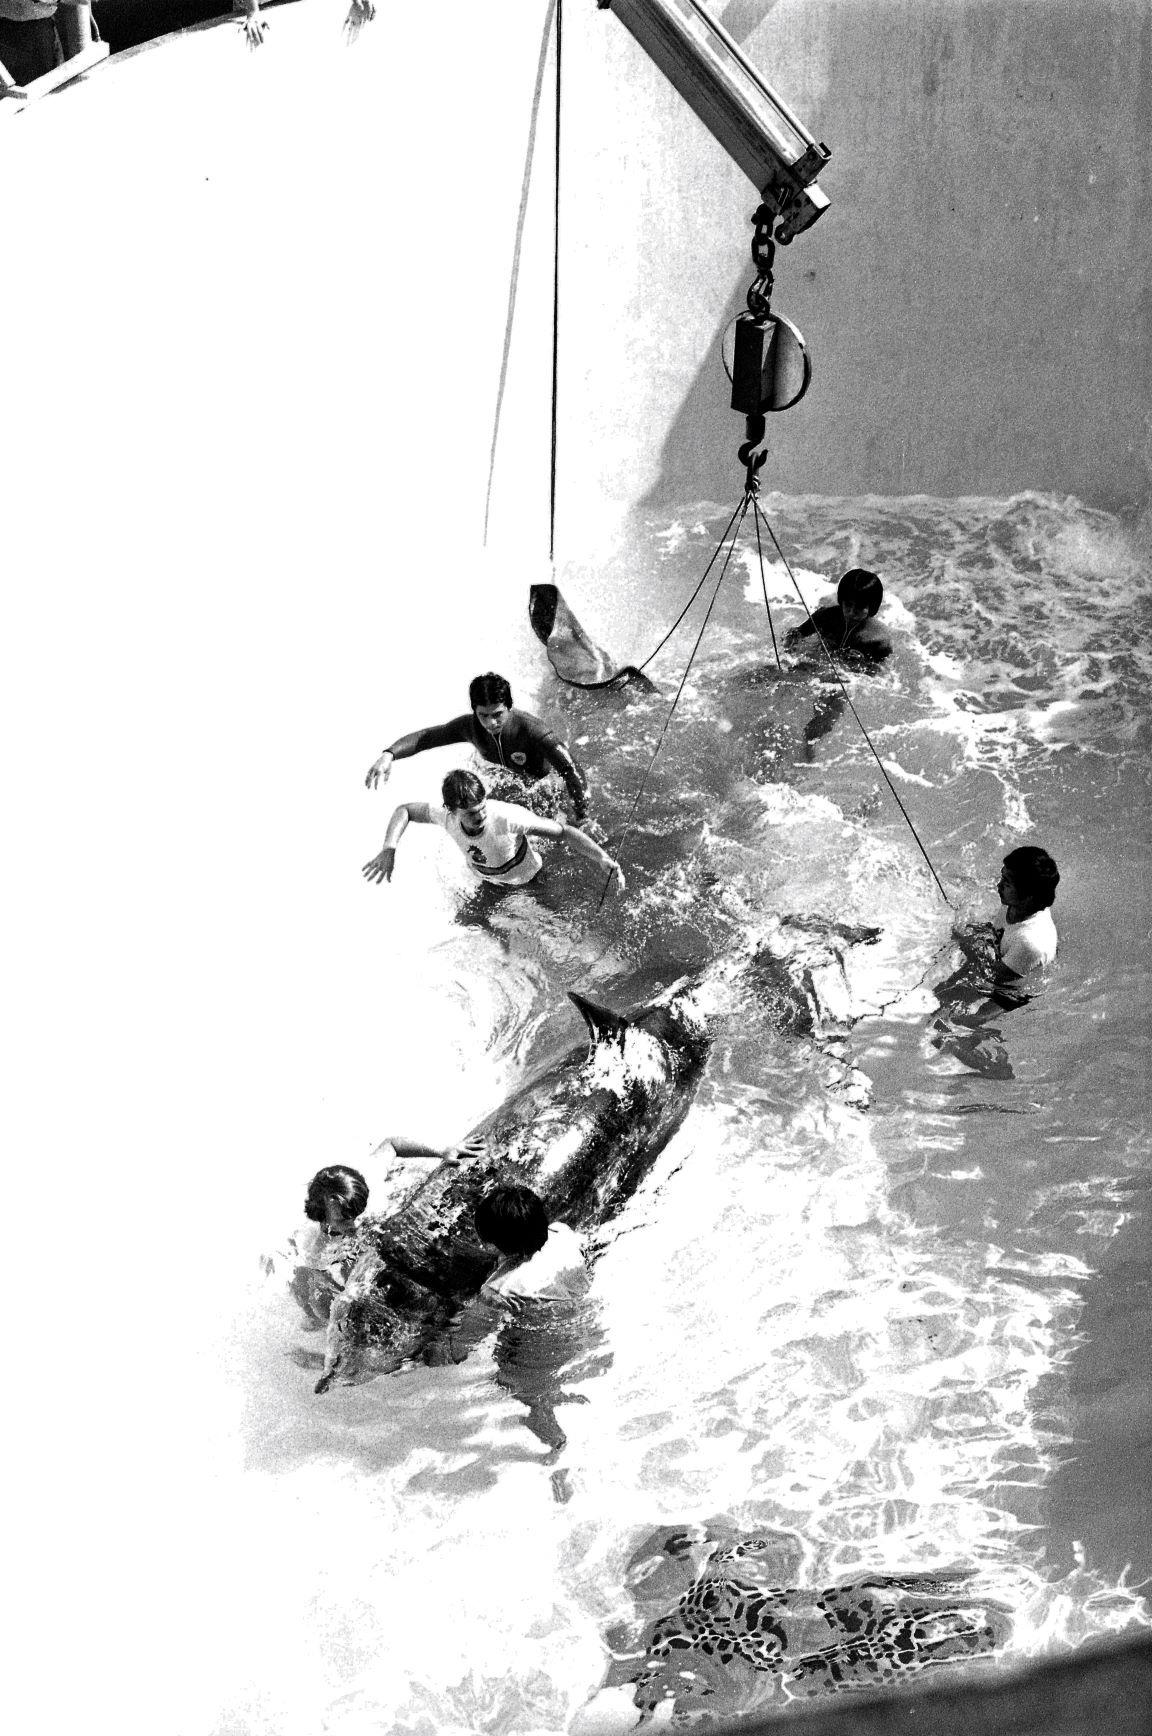 很多去過海洋公園的人,都對殺人鯨凌空飛身頂球的表演記憶猶新,不過自從1997年殺人鯨「海威」因急性腸出血去世,海洋公園就沒有將引入殺人鯨。圖為1979年公園引入一頭英國殺人鯨的情況。(圖片來源:Getty)